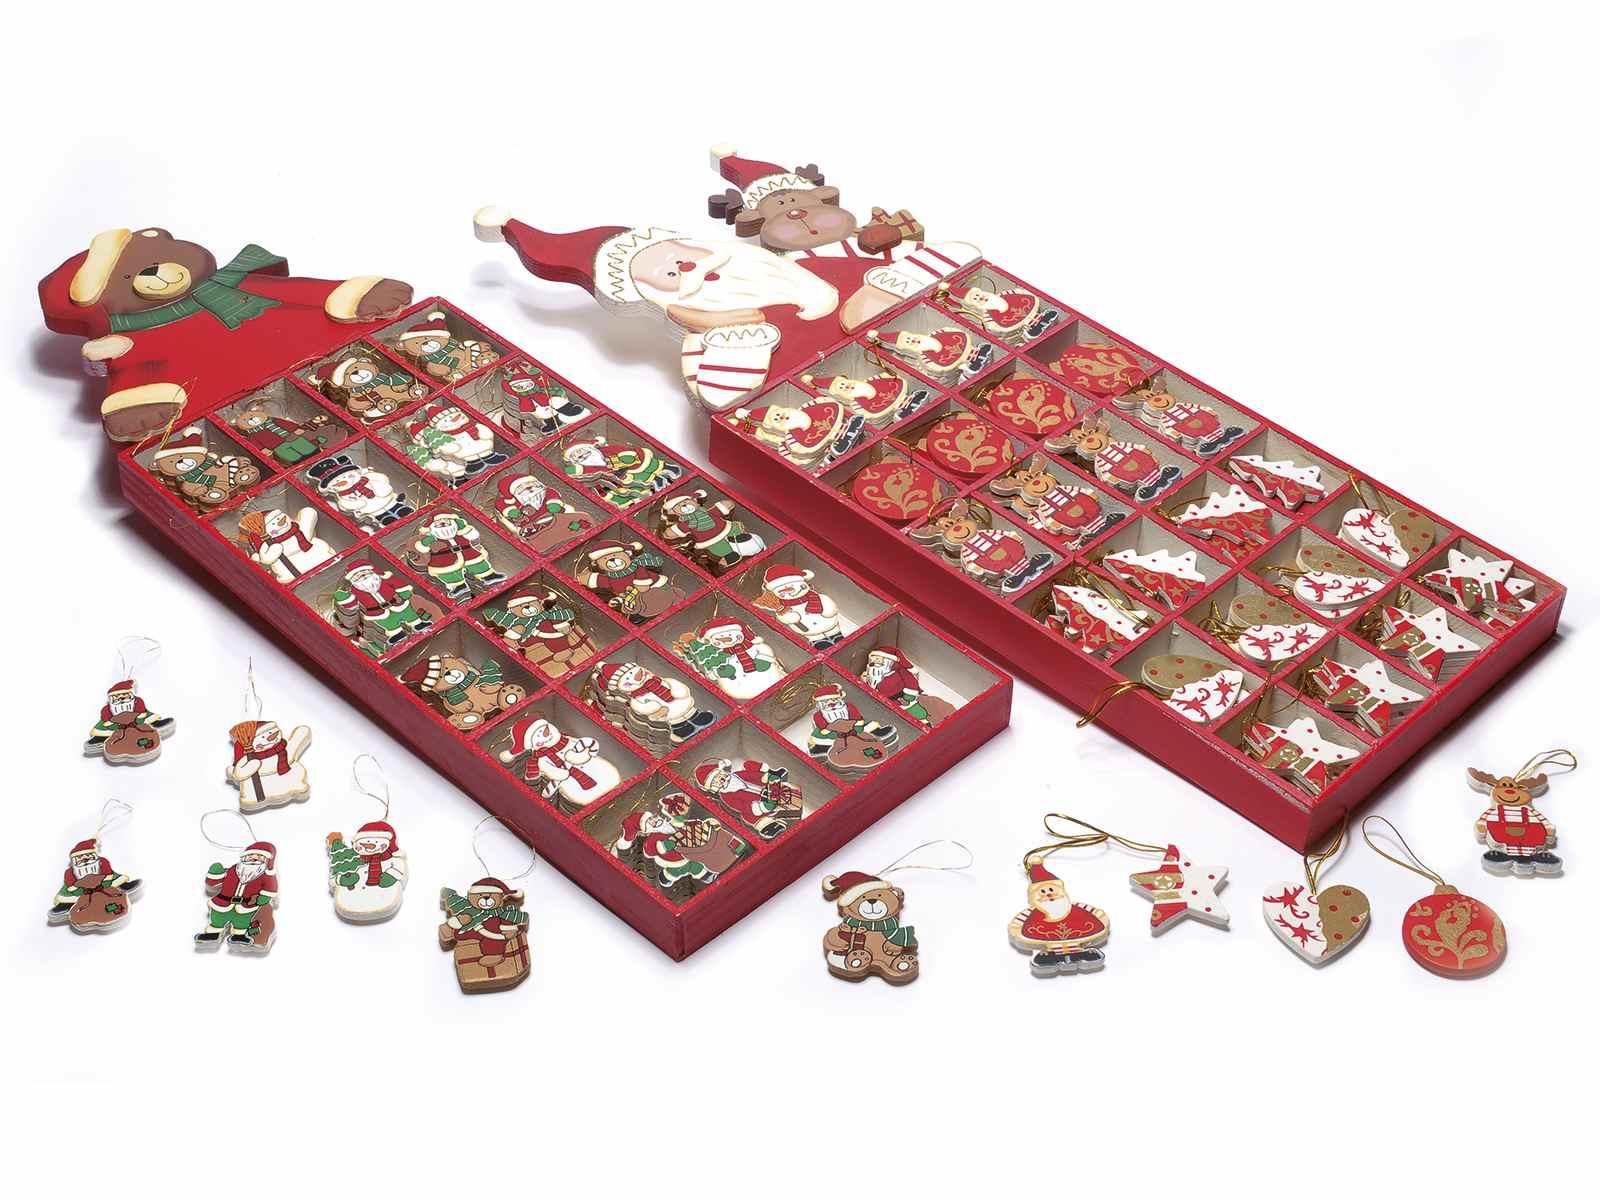 Espo 144 decorazioni natalizie in legno da appendere 51 for Decorazioni natalizie in legno da appendere